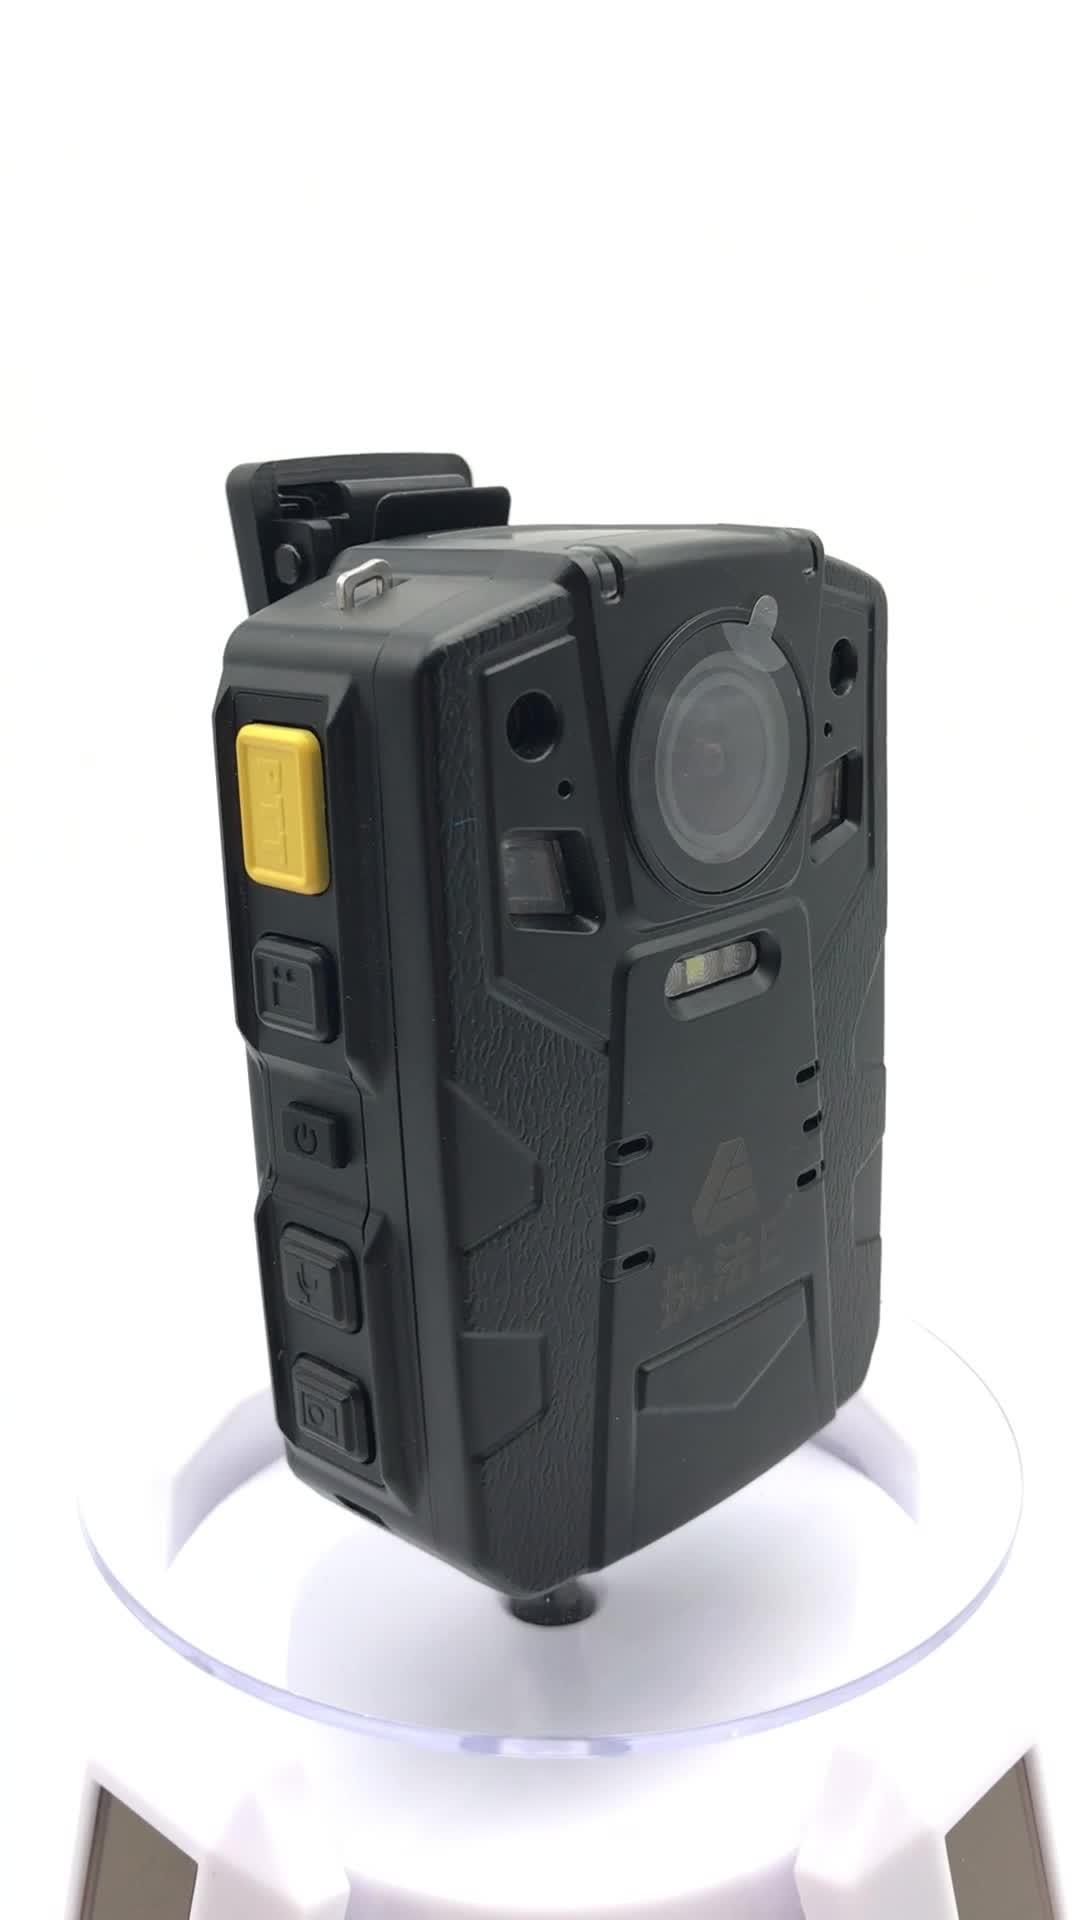 2020 판매 CCTV 카메라 바디 인터콤 시스템 4G GPS 경찰 카메라 바디 착용 카메라 DSJ-D8 (A12)